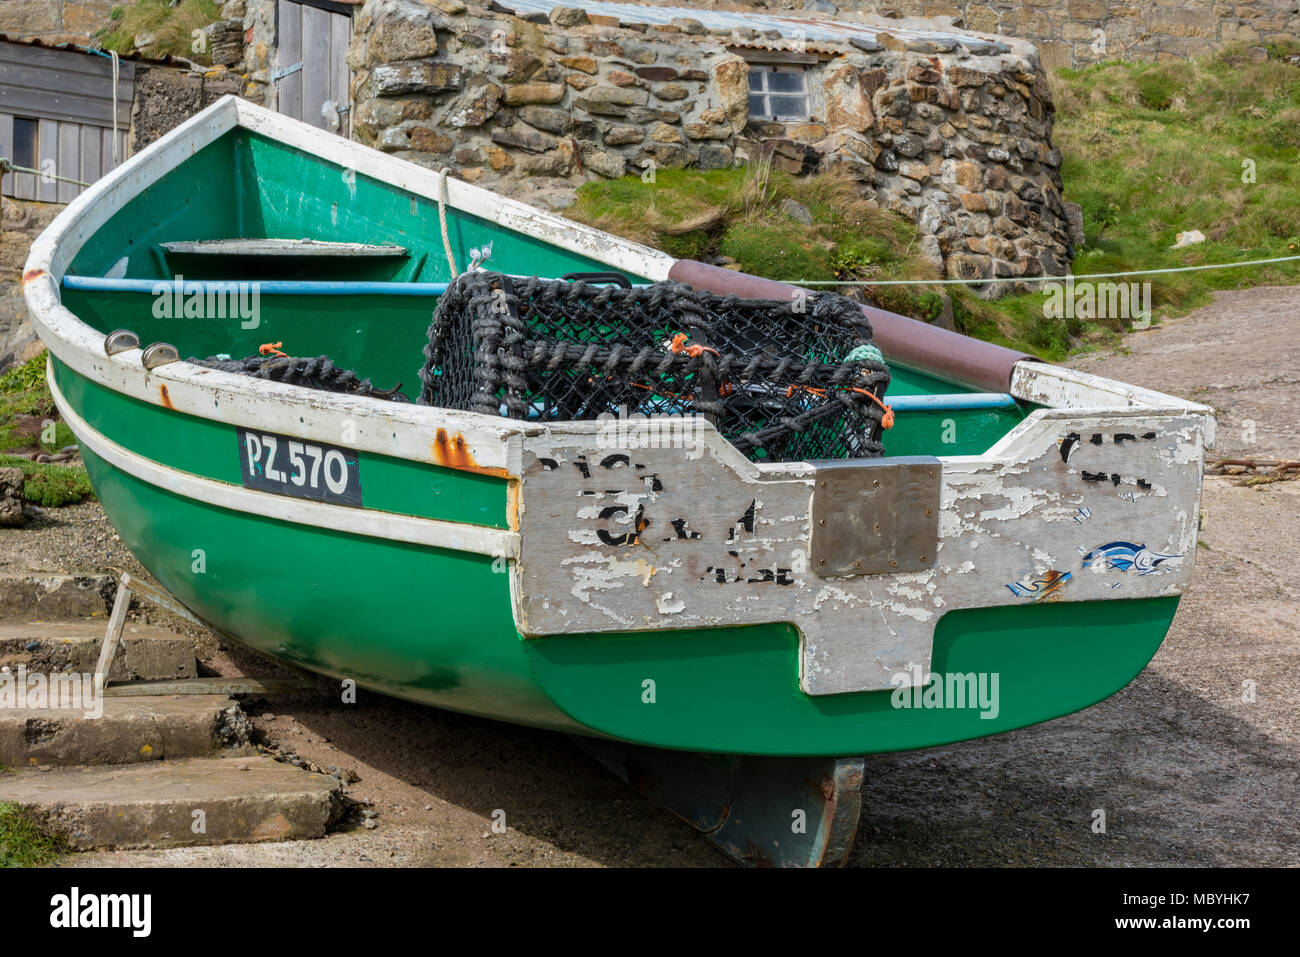 Un petit bateau de pêche colorés sur une rampe sur la côte de Cornouailles à cape cornwall près de st just sur la région péninsulaire penwith lézard. Bateau de pêcheurs. Banque D'Images